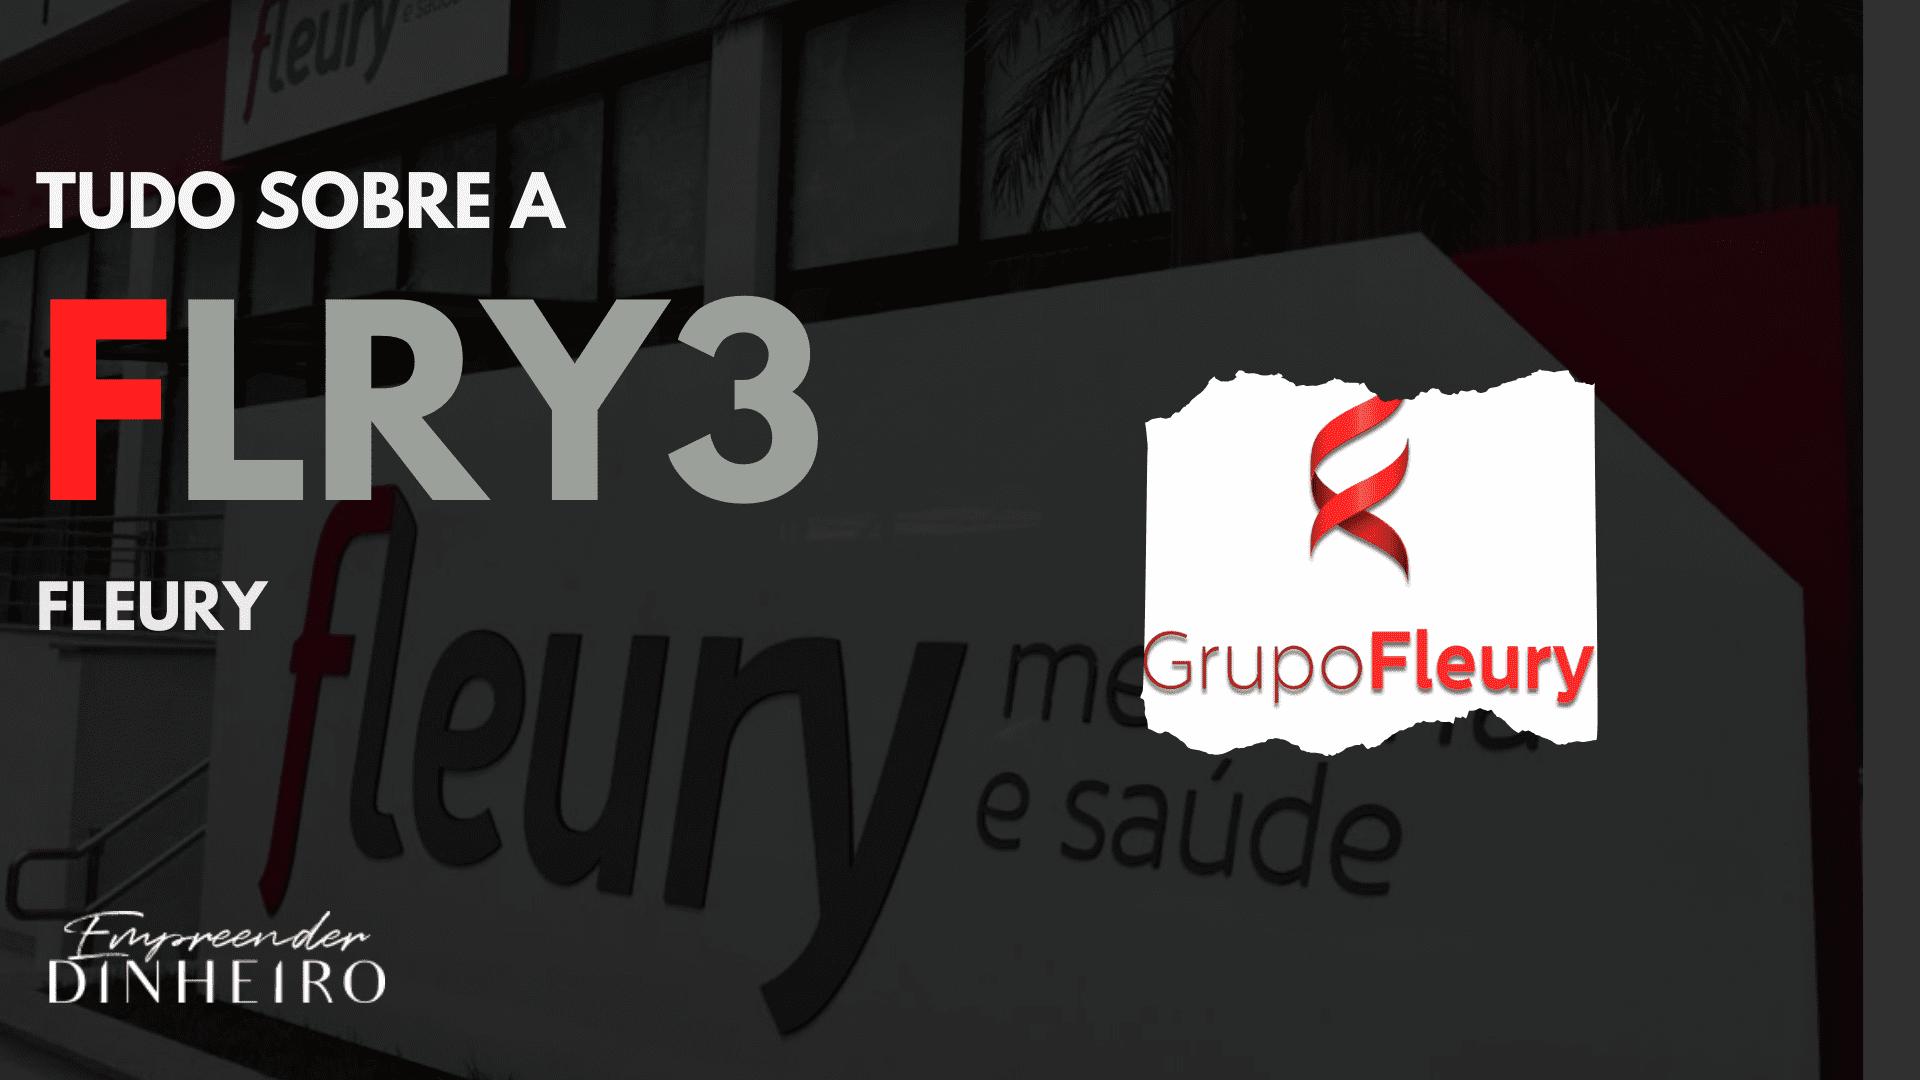 fleury flry3 investimentos